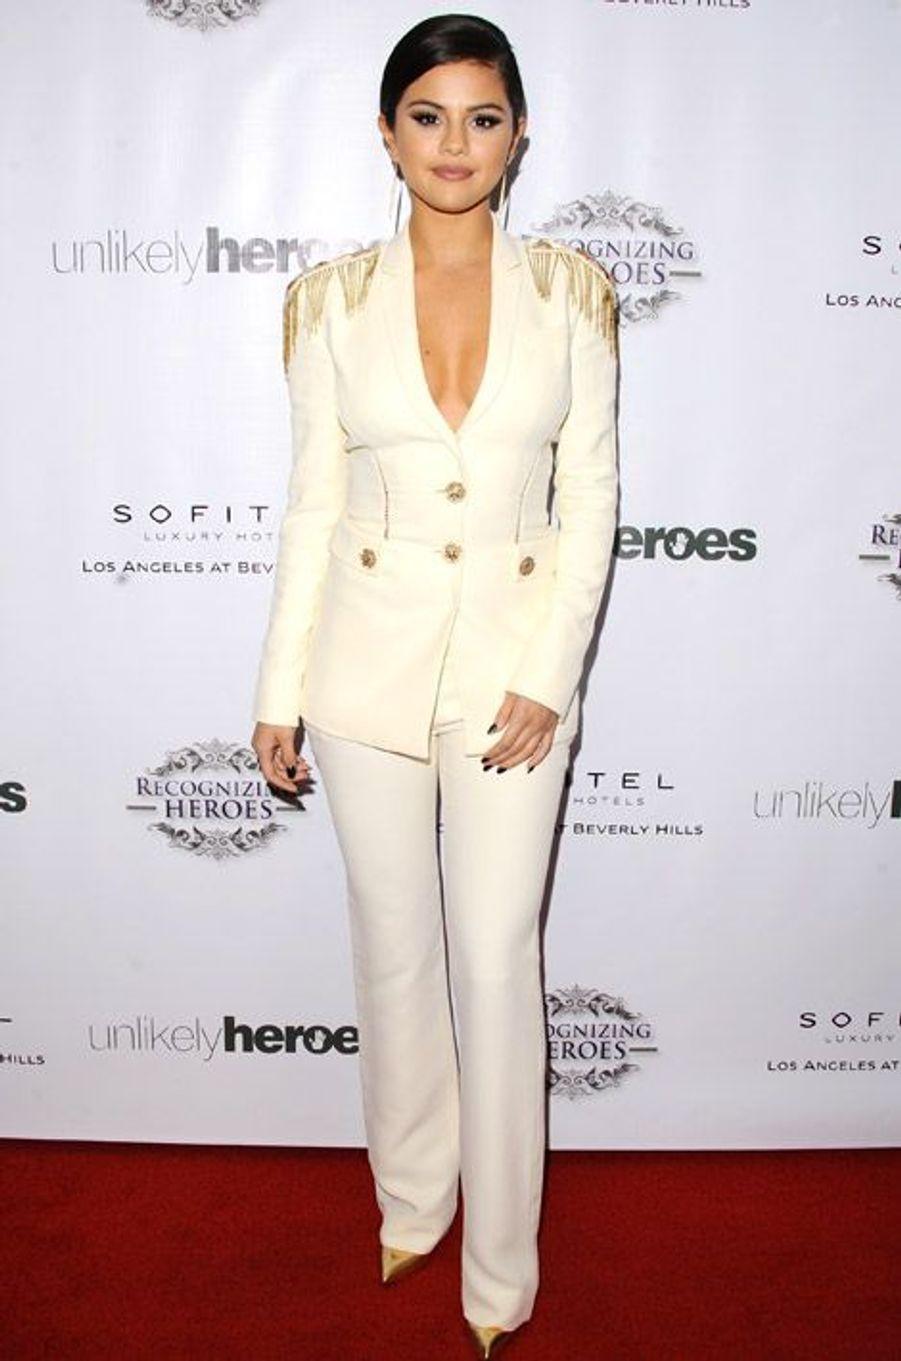 La chanteuse et actrice Selena Gomez lors de Annual Unlikely Heroes Awards Dinner à Los Angeles le 8 novembre 2014